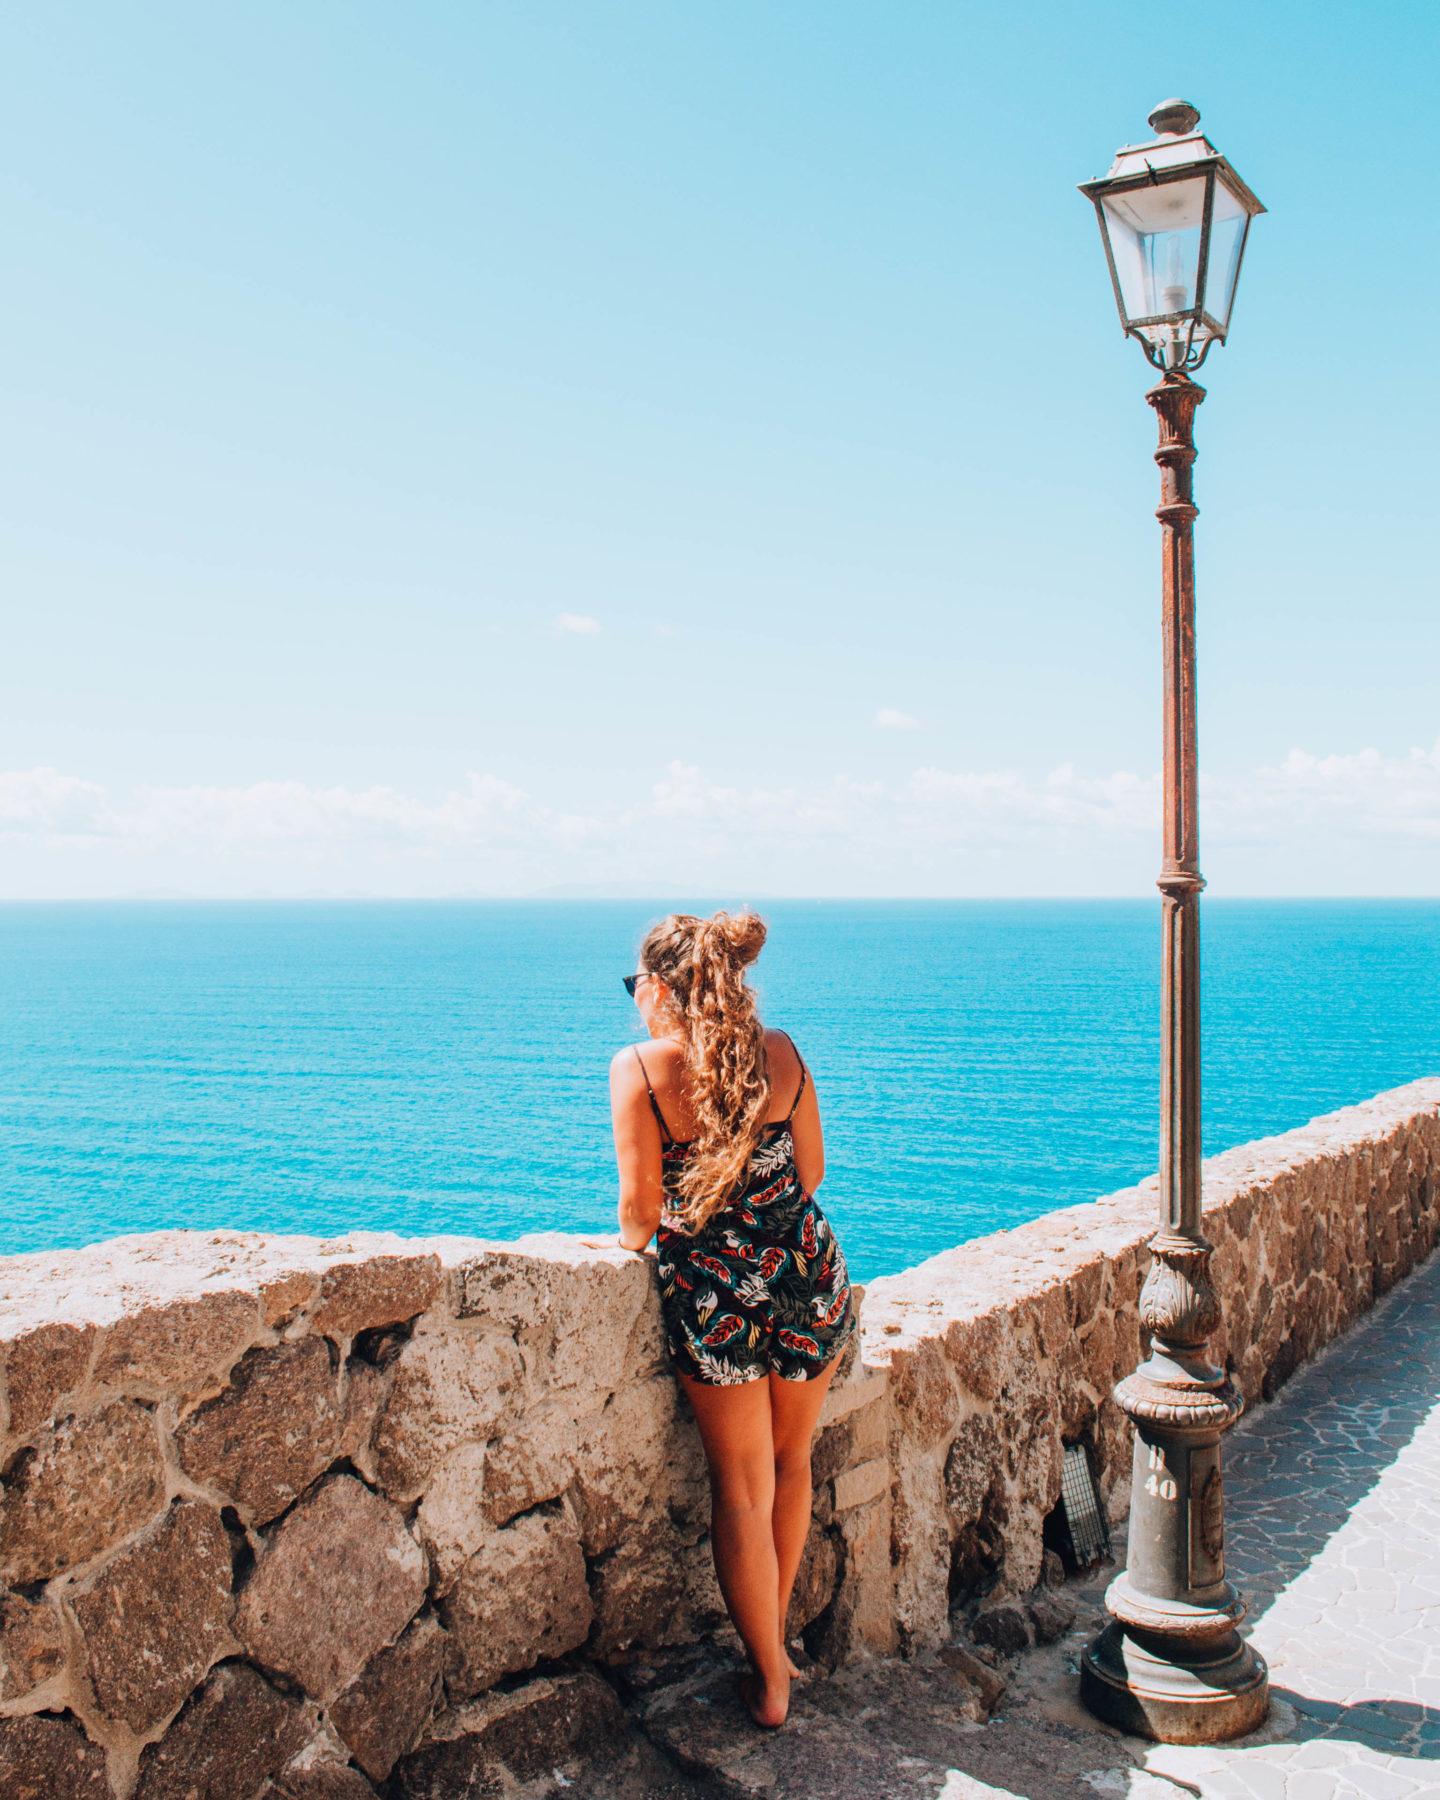 ragazza che si affaccia ad una terrazza sul mare sotto un lampione